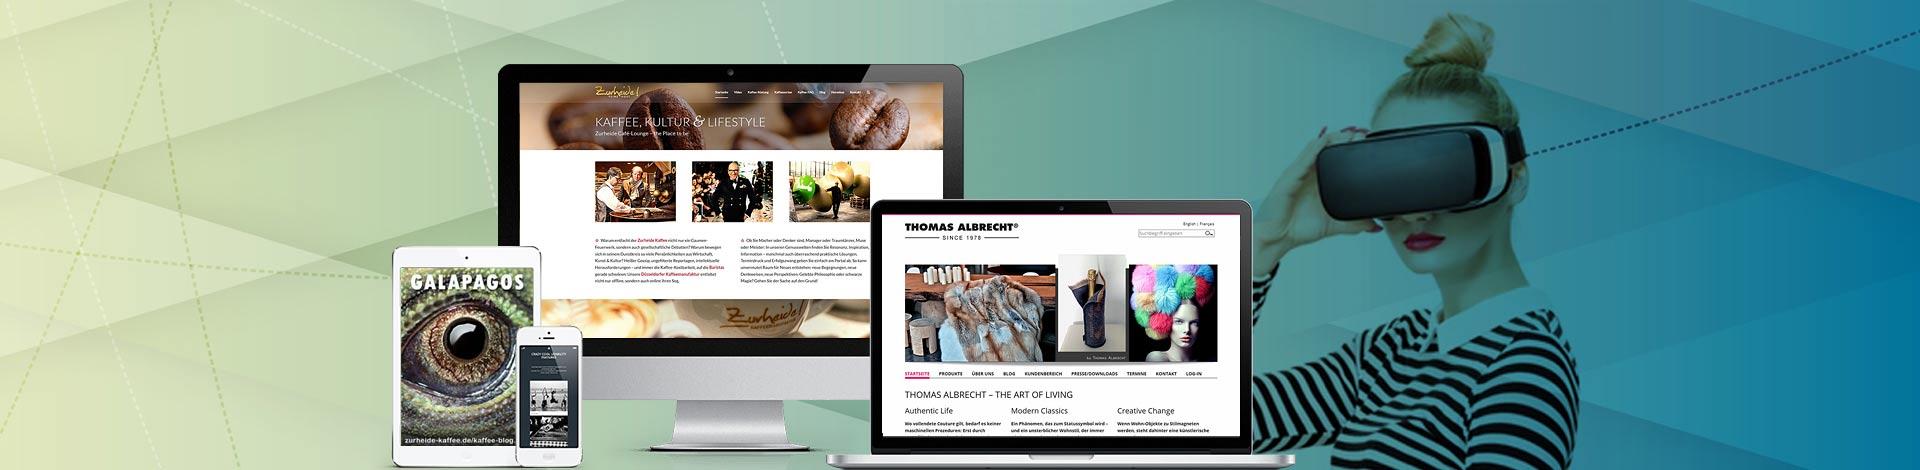 Webdesign by Udo Schucker Bottrop, Essen, Oberhausen